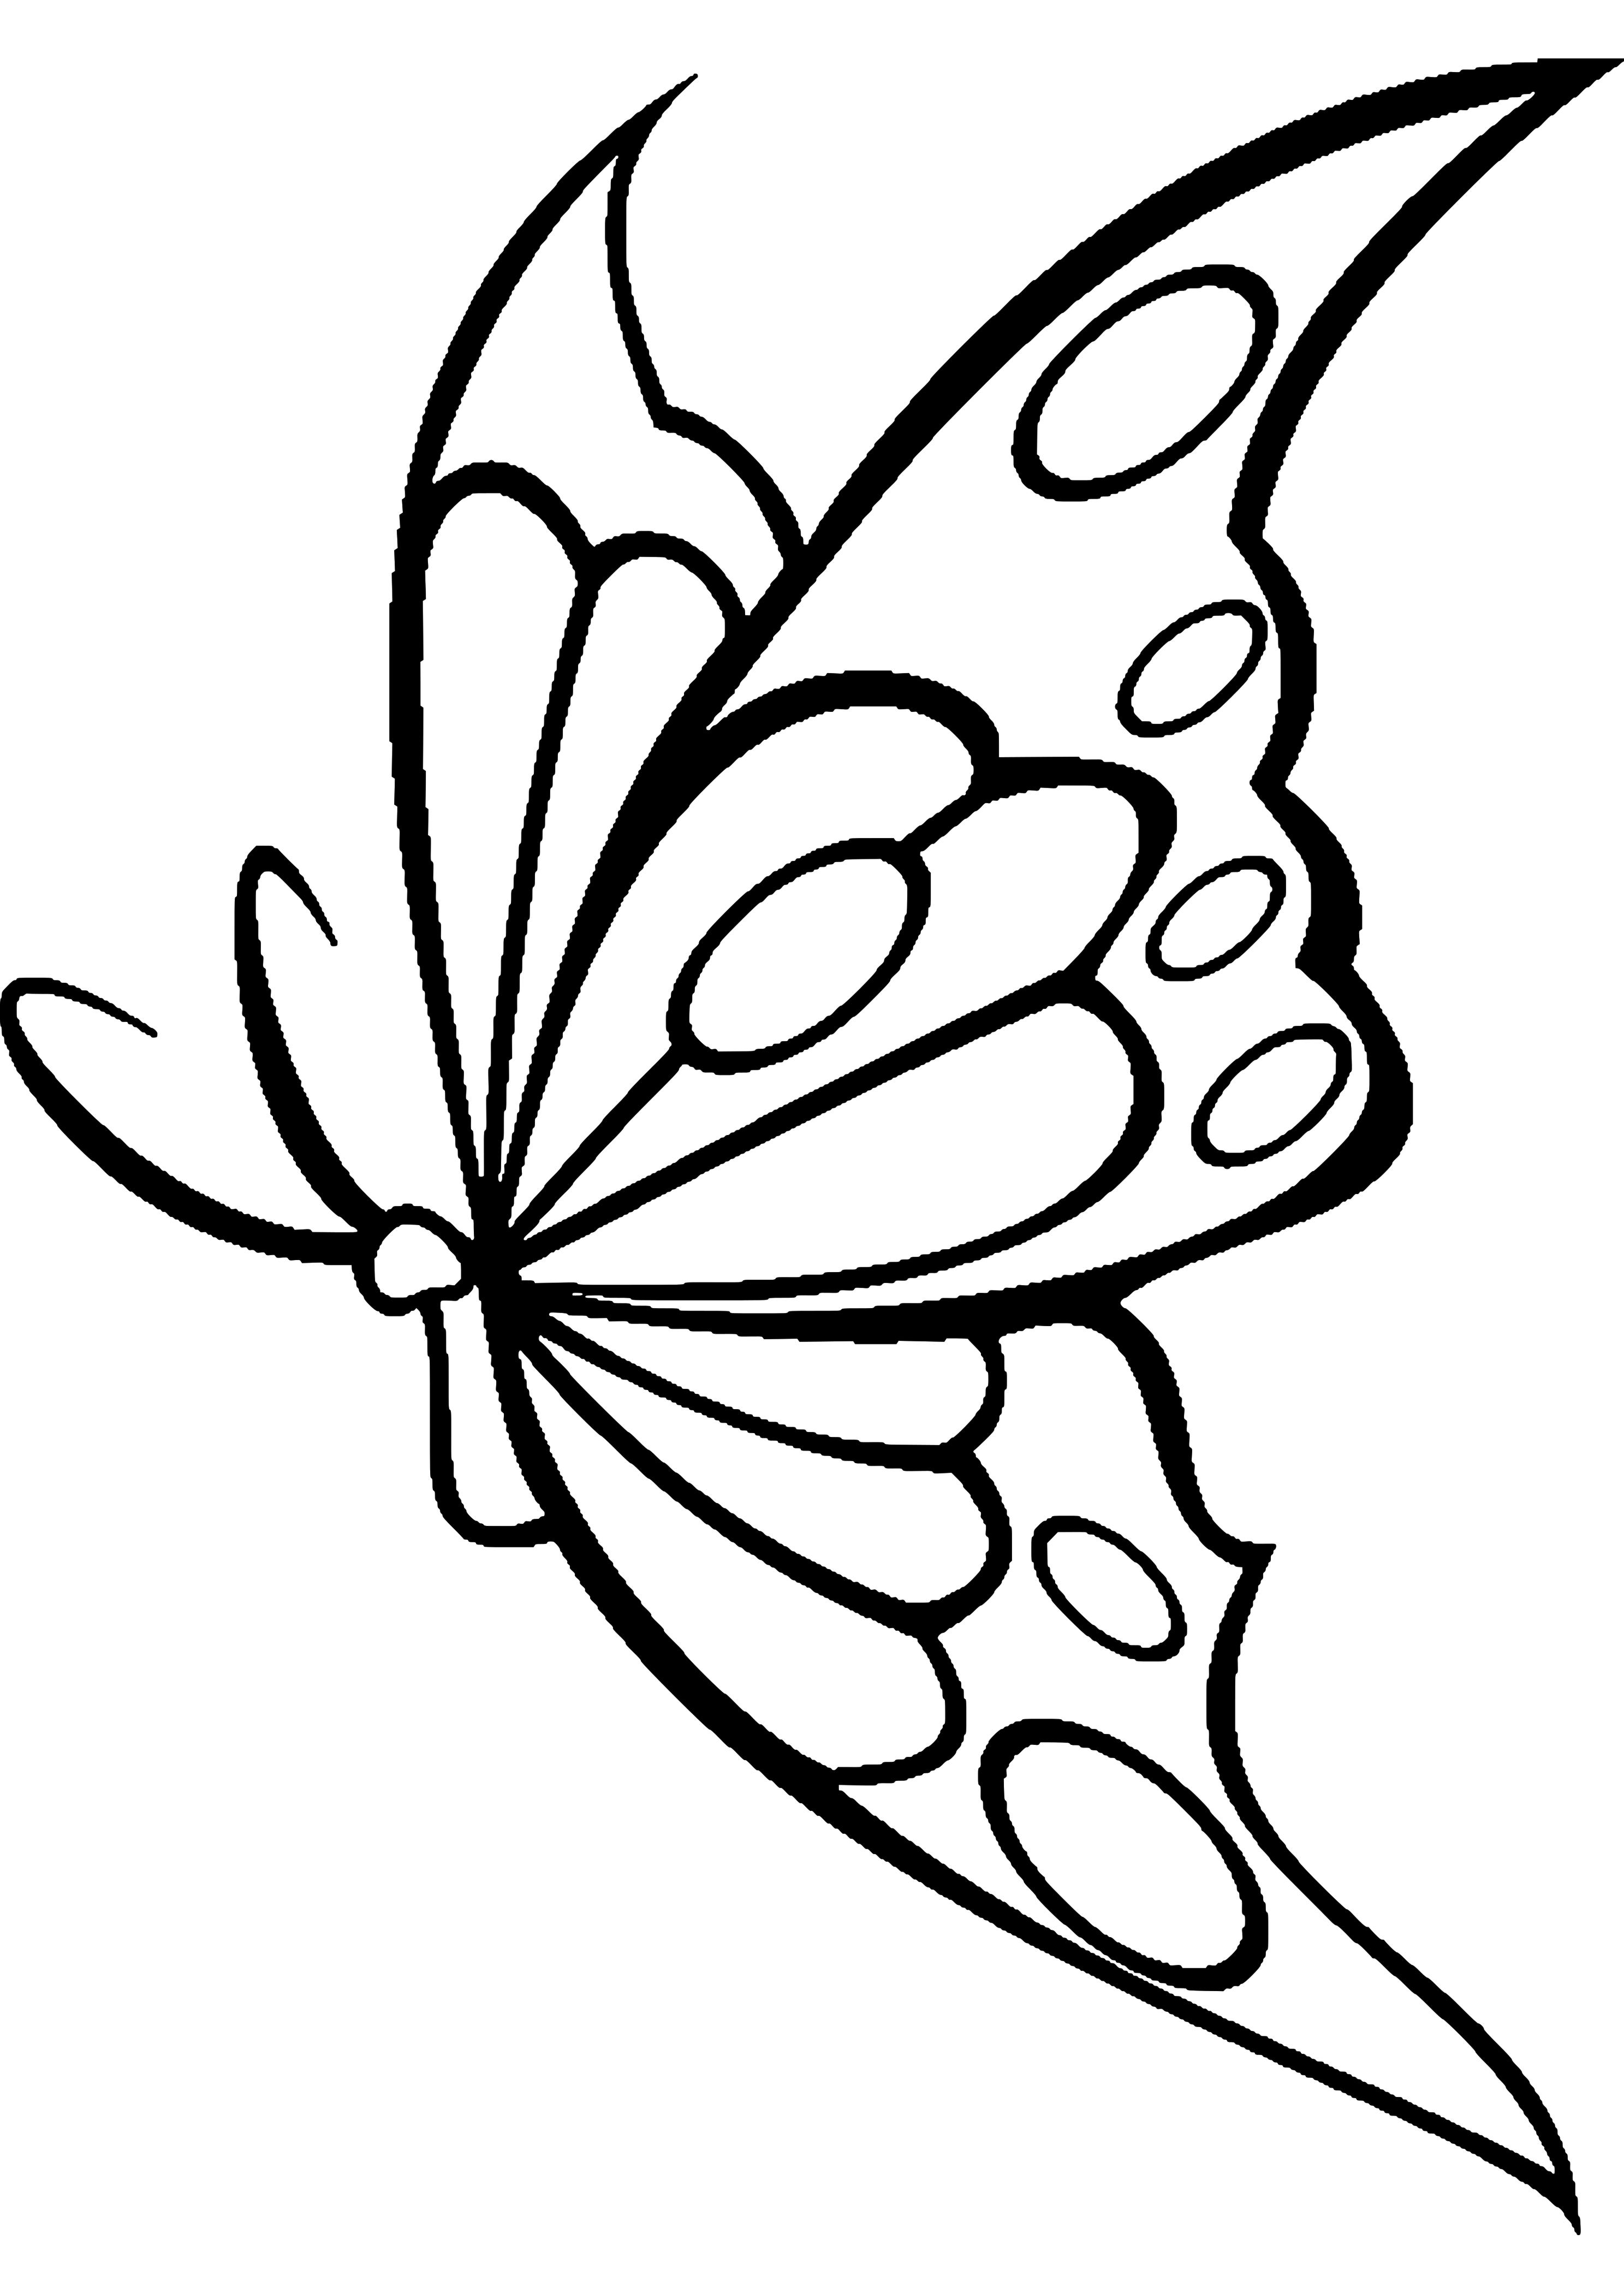 Resultado de imagen para dibujos de maripòsas | stencils | Pinterest ...